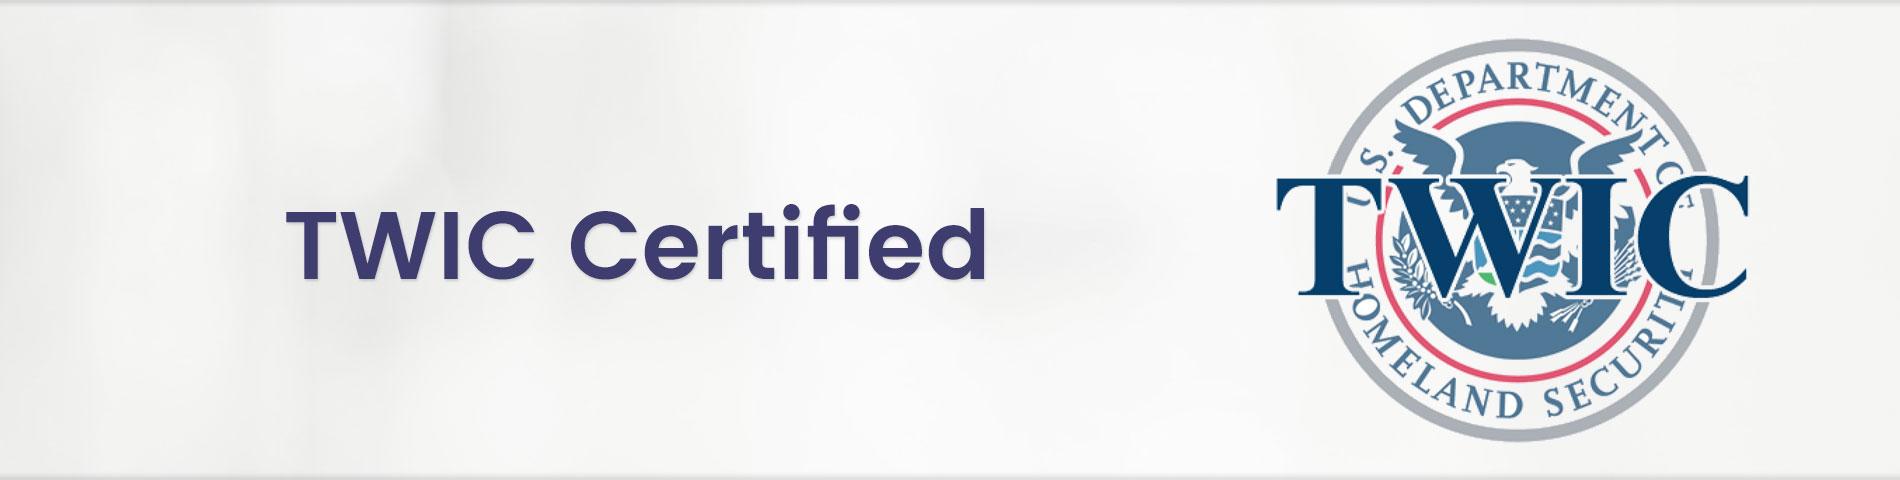 TWIC Certified